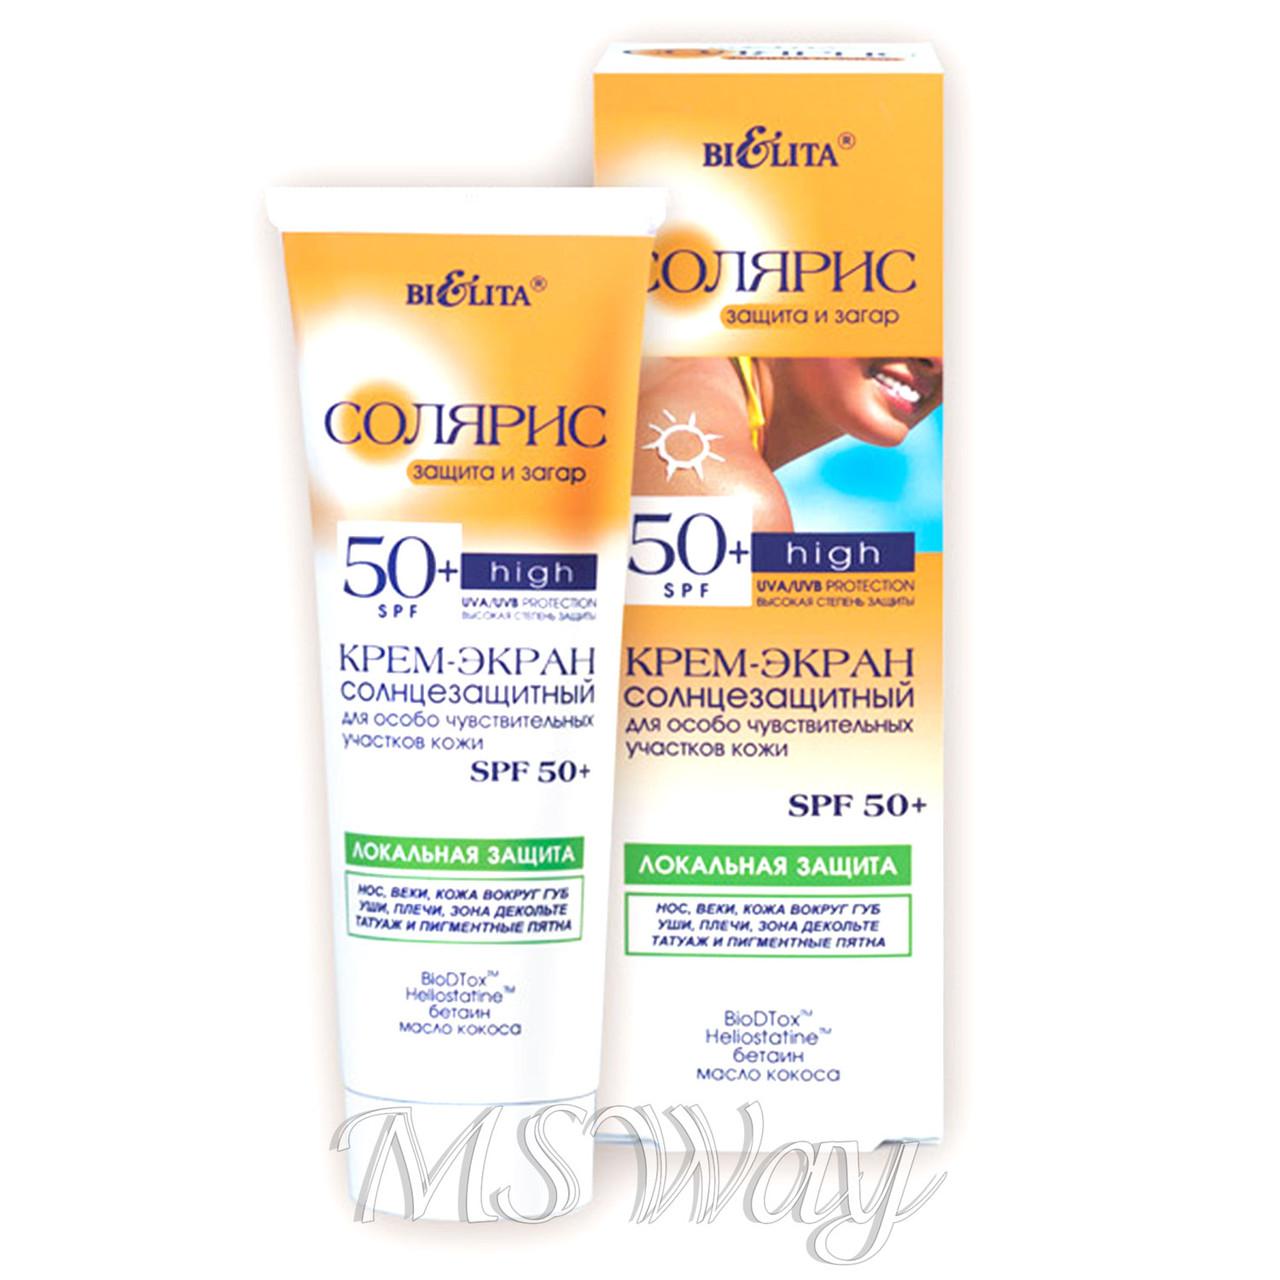 Bielita - Солярис Крем-экран солнцезащитный SPF-50+ для особо чувствит. кожи 75мл